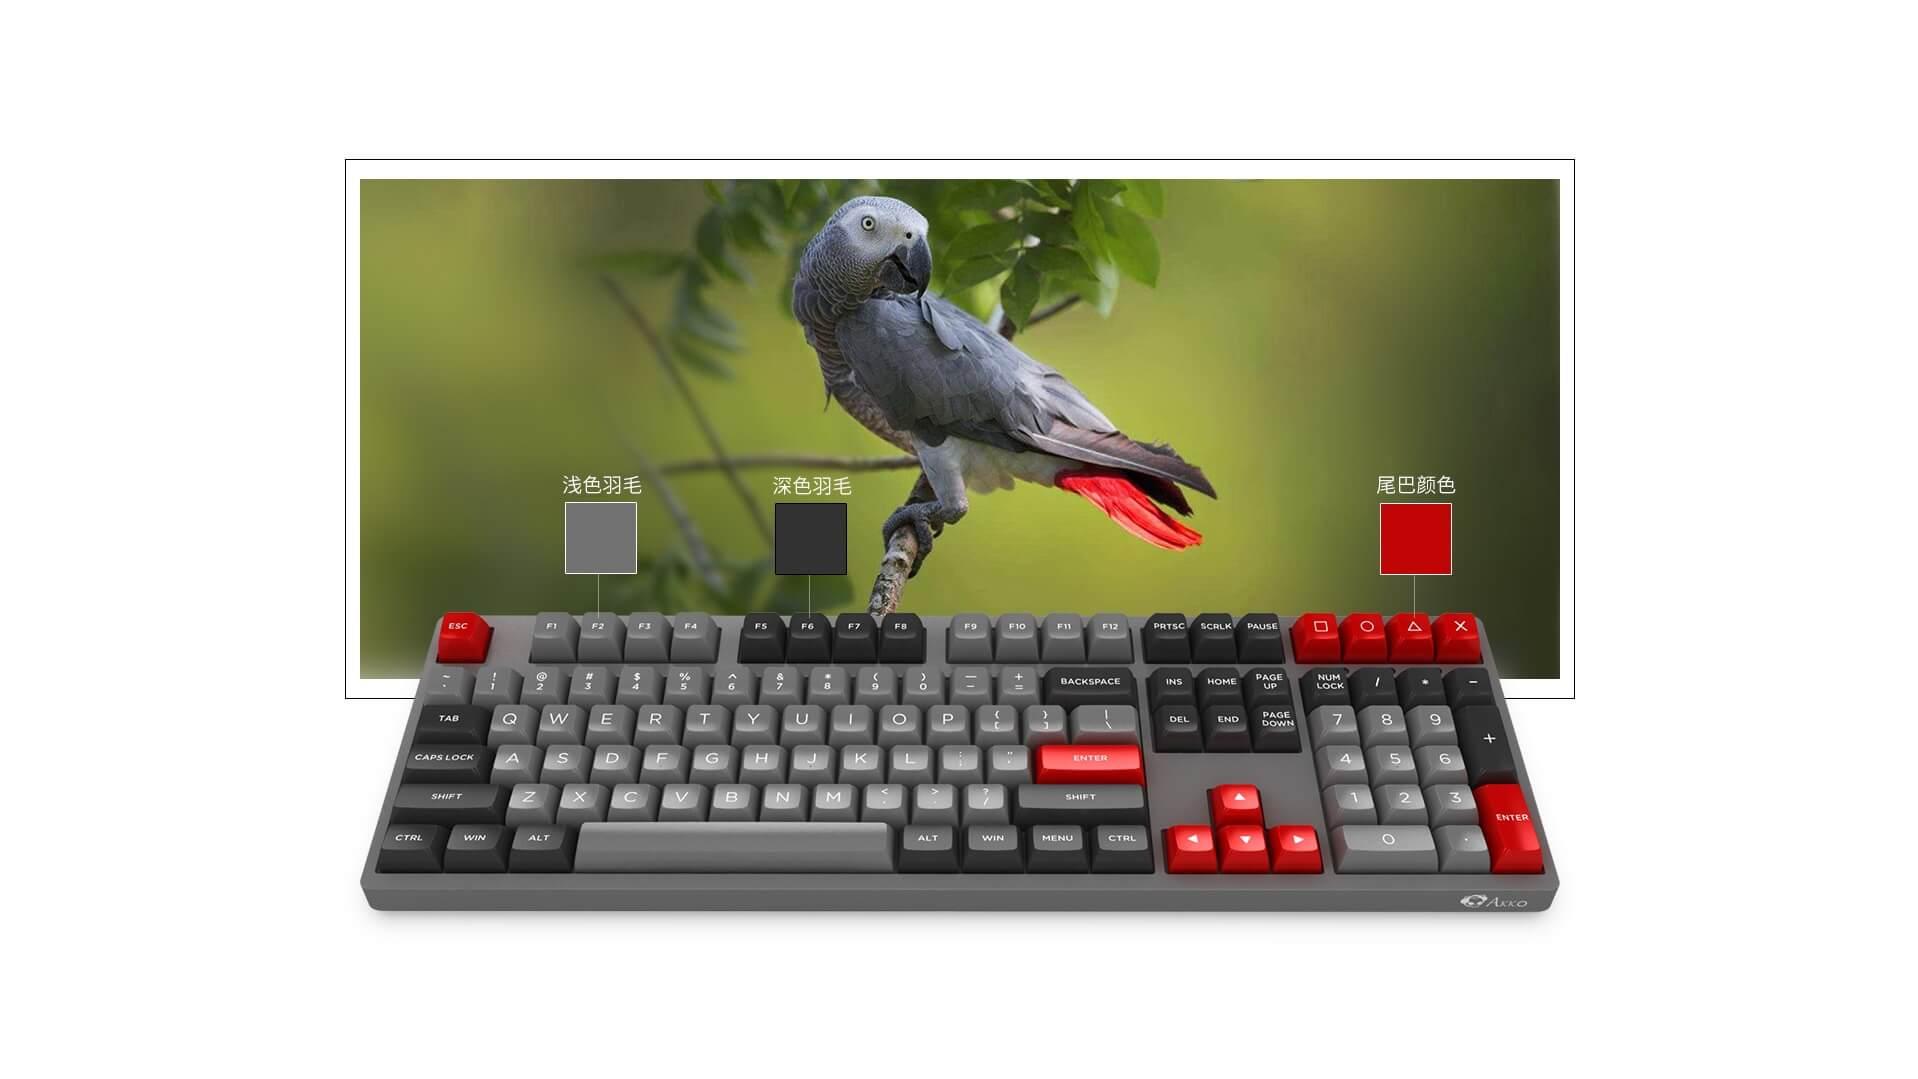 Bàn phím cơ Akko 3108 V2 OSA Grey Parrot Psittacus Gateron Yellow Switch  có thiết kế lạ, bắt mắt